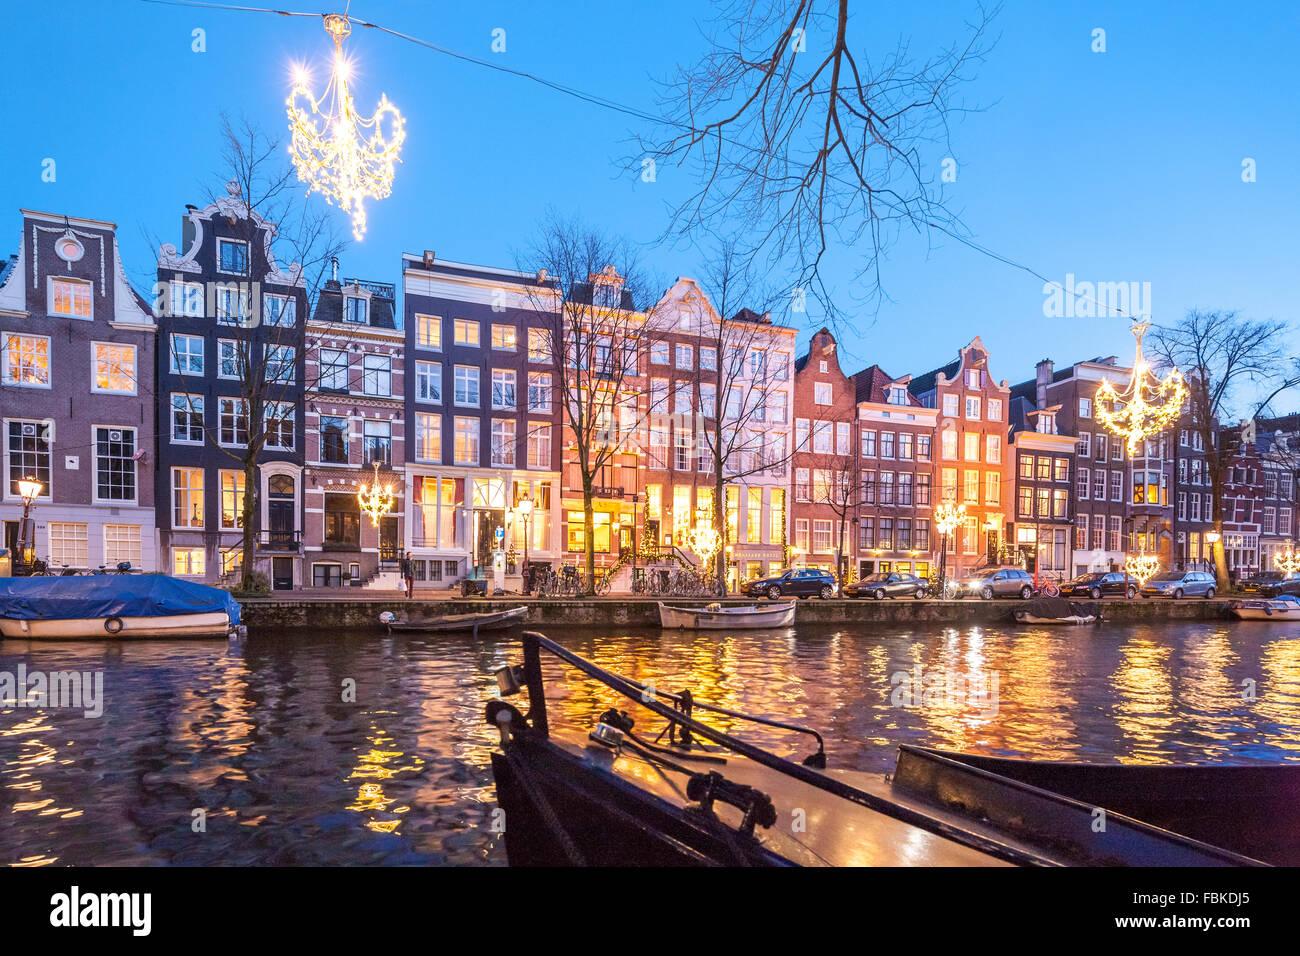 L'Hôtel Ambassade sur le canal Herengracht Amsterdam en hiver avec des lumières de Noël. Photo Stock